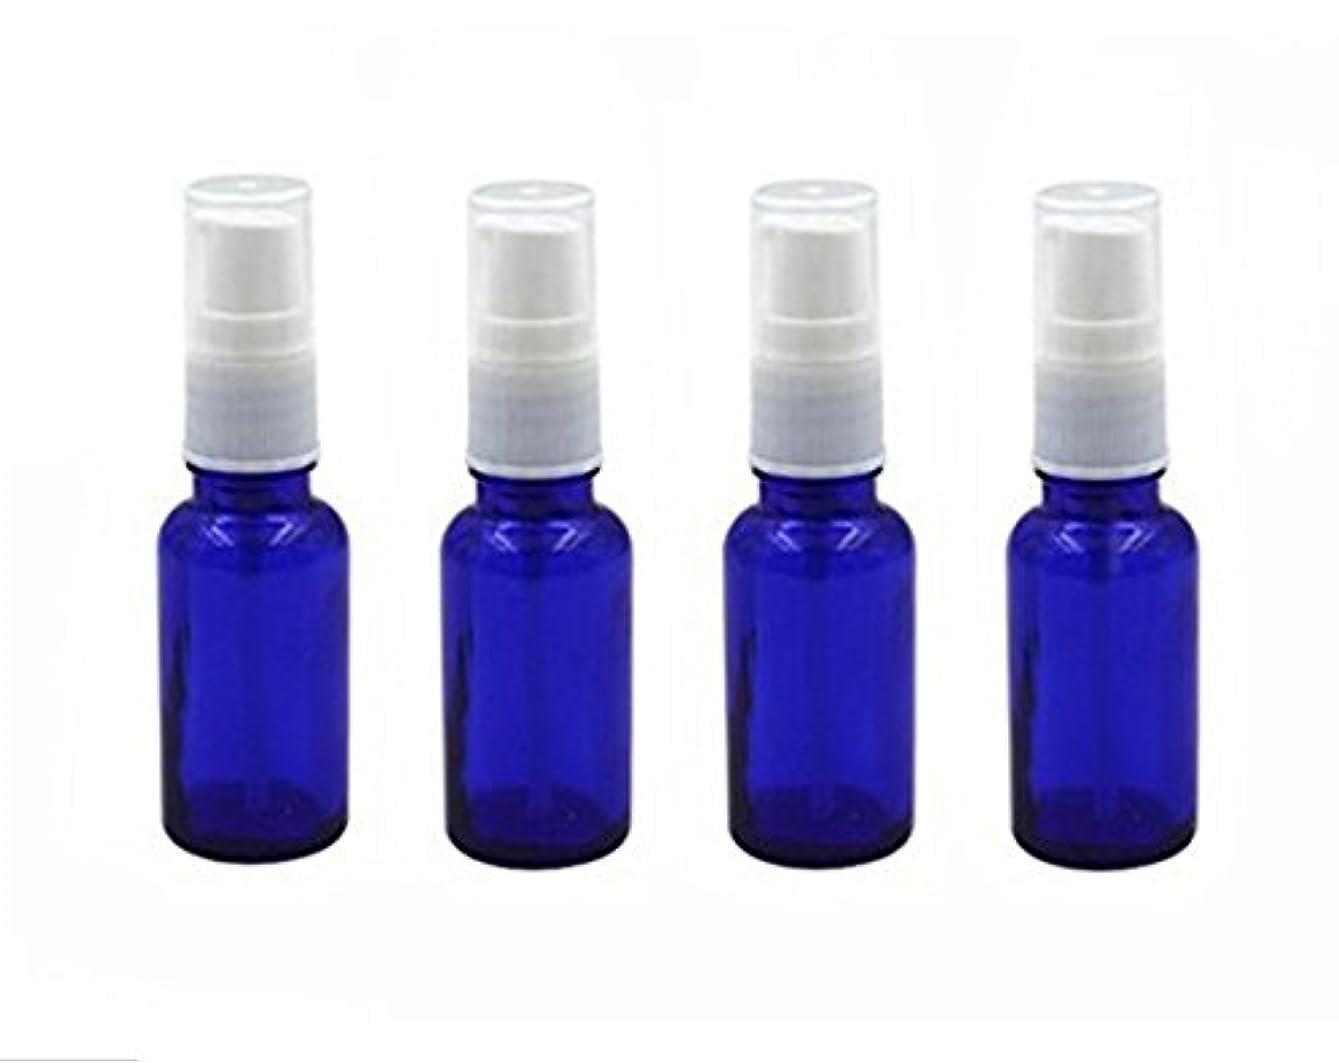 広々差別的ディスク4個10 ml / 20ml再利用可能な空ガラスポンプボトル/ホワイトプラスチックキャップ付き容器 – エッセンシャルオイルの化粧品メーキャップディスペンサーシャンプーサンプルボトル押し (20 ML, ブルー)